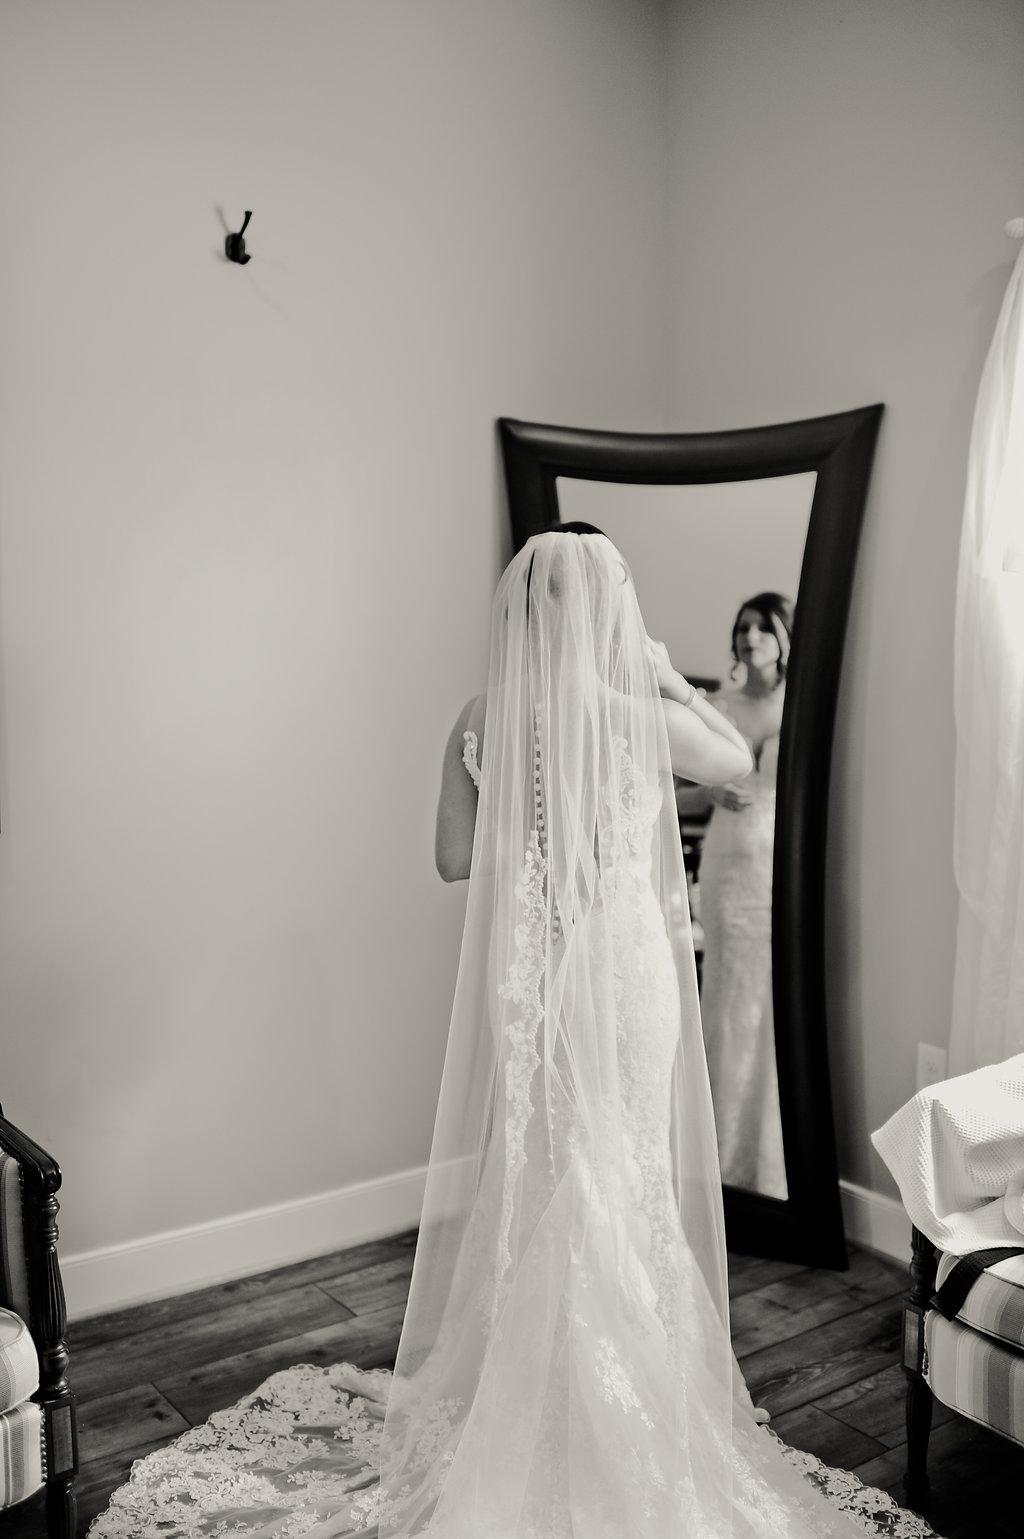 RichardsonWedding04.01.17-115 April Renee Photography